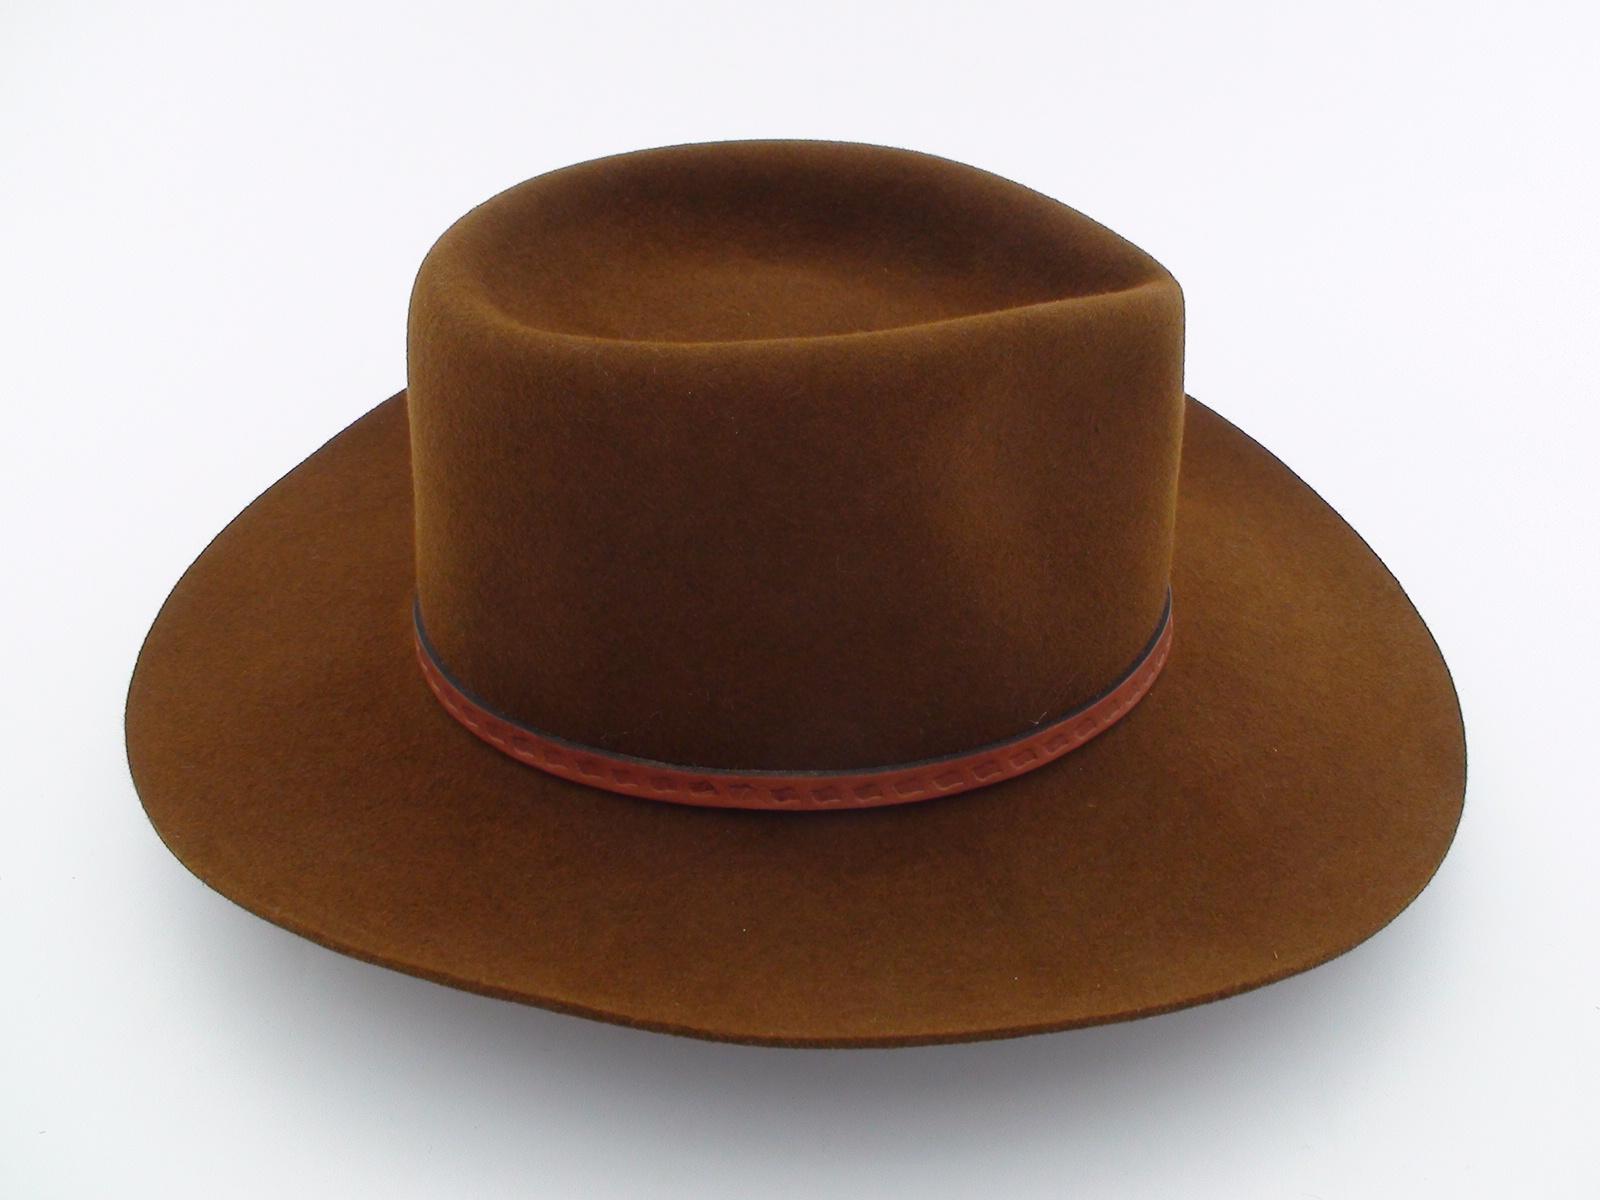 73b0310d4e5 Smithbilt Hats Brown Fur Felt Western Cowboy Hat - Bernard Hats